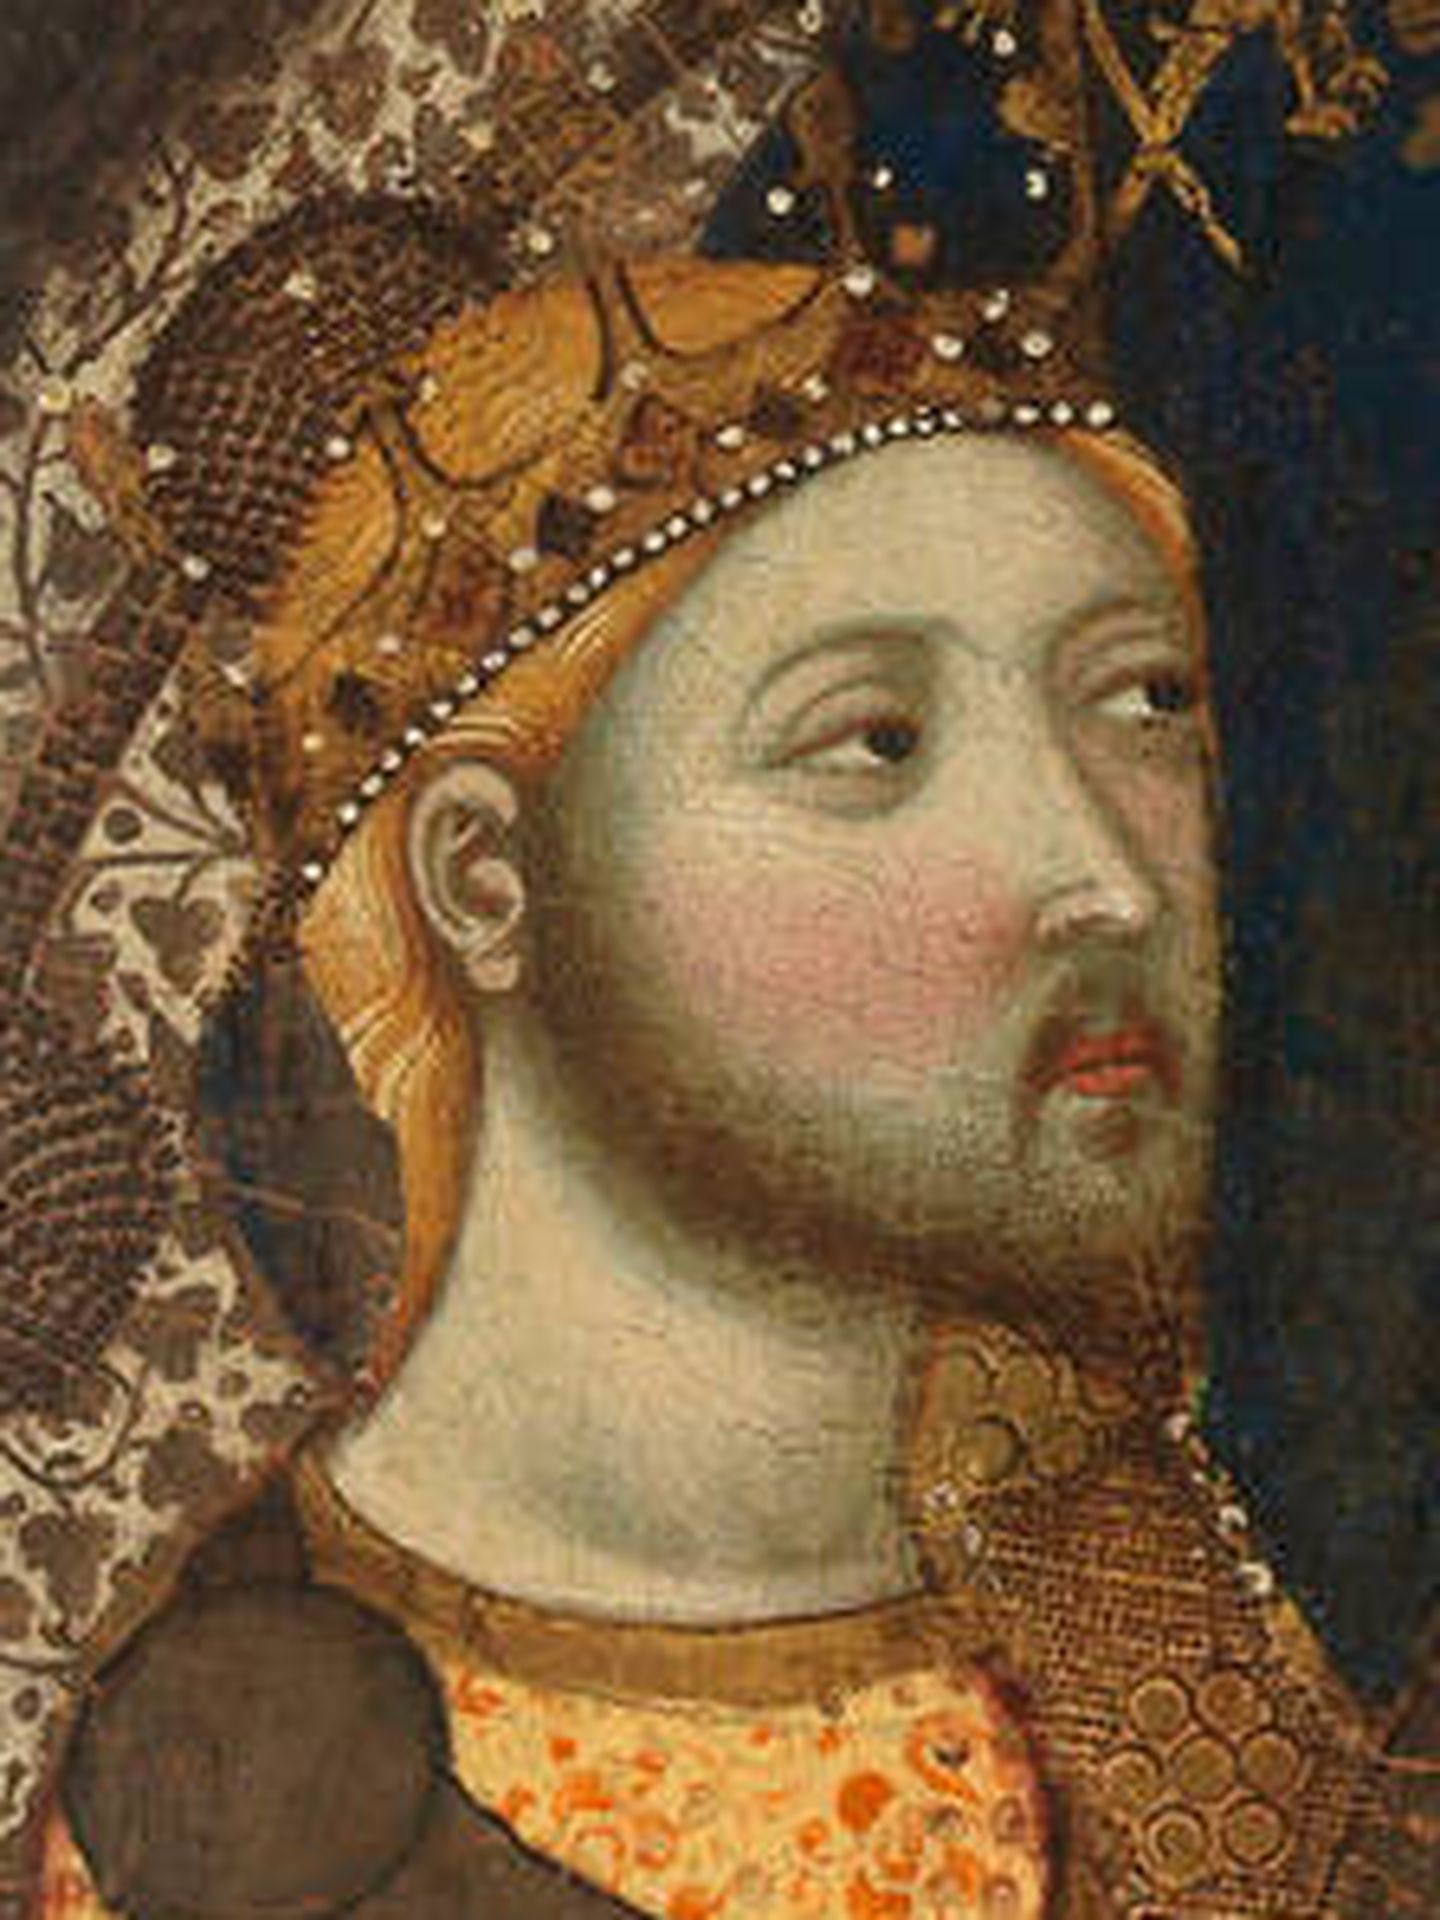 Retrato de Enrique de Trastámara y su ladina mirada en 'La Virgen de Tobed', de Jaume Serra.